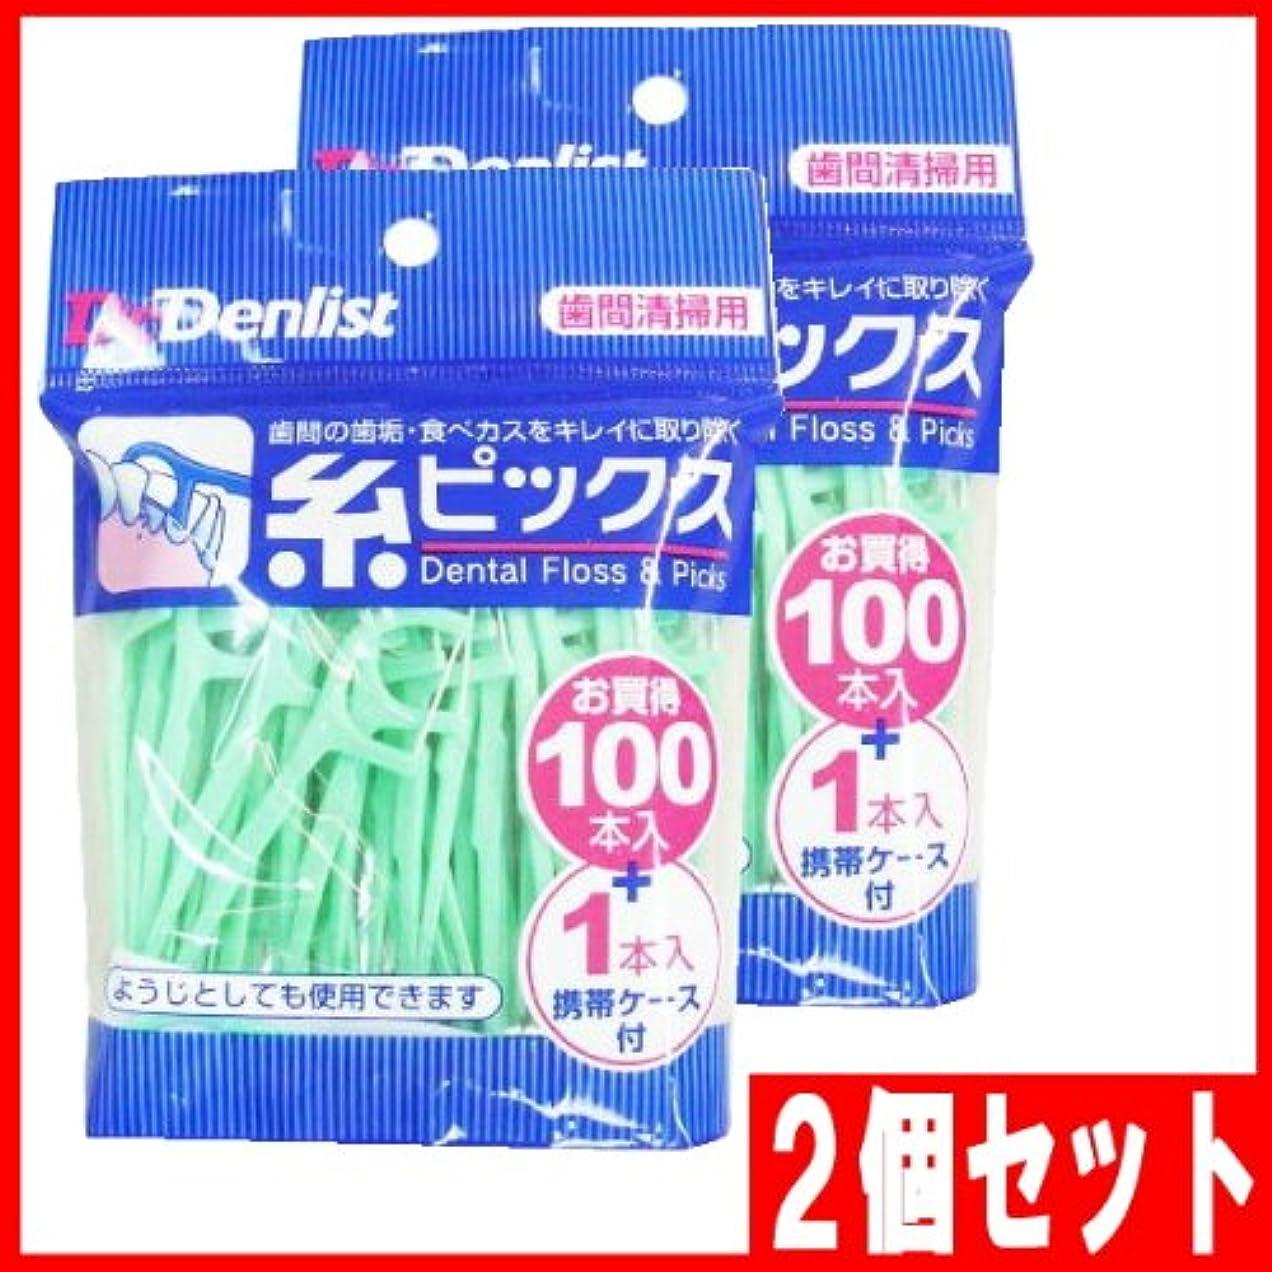 ストレス書店疎外するDr.デンリスト 糸ピックス(歯間清掃用) 100本+1本(携帯ケース付) 2個セット